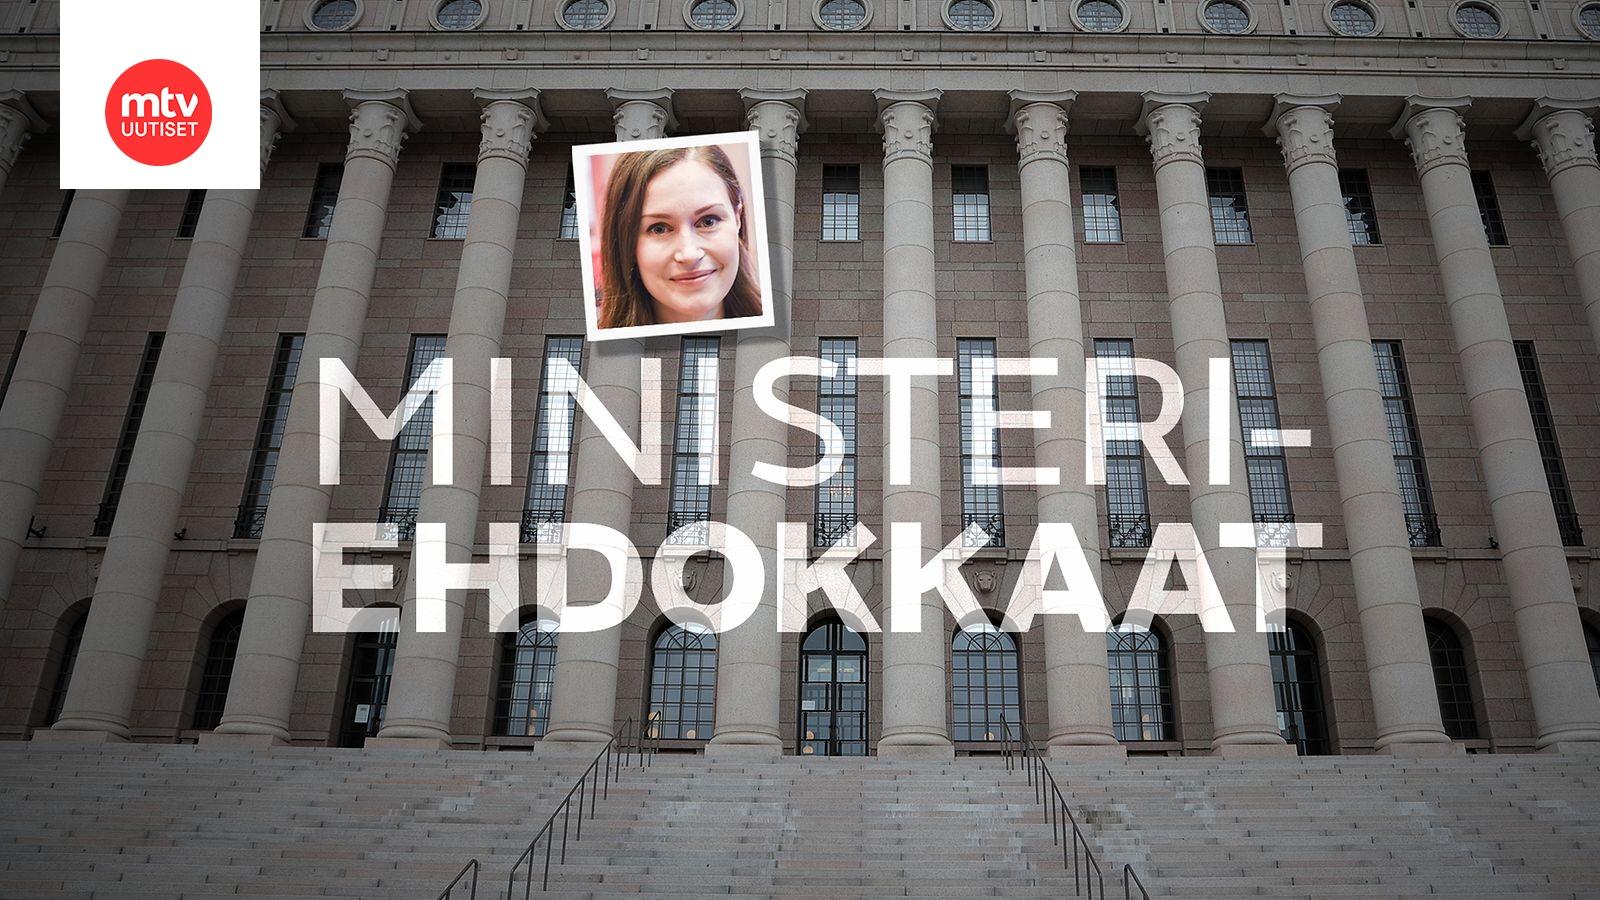 Hallituksen Ministerit